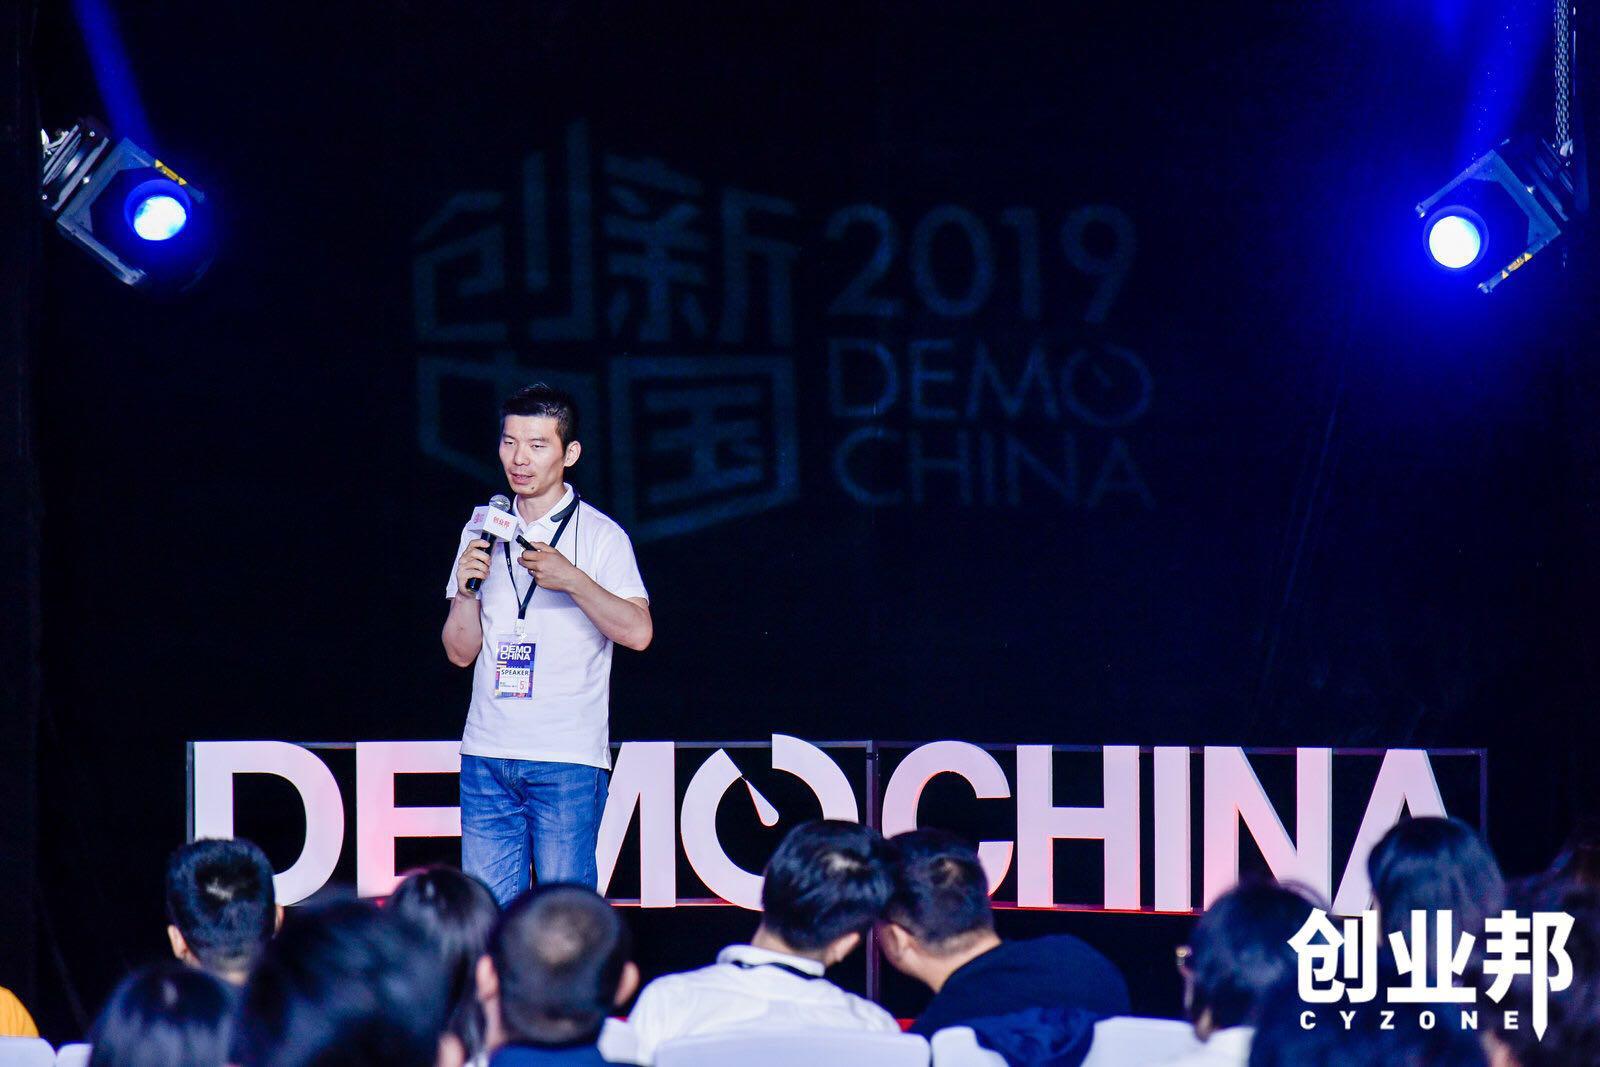 火花思维亮相创新中国春季峰会 展在线数理思维教育领导品牌风采